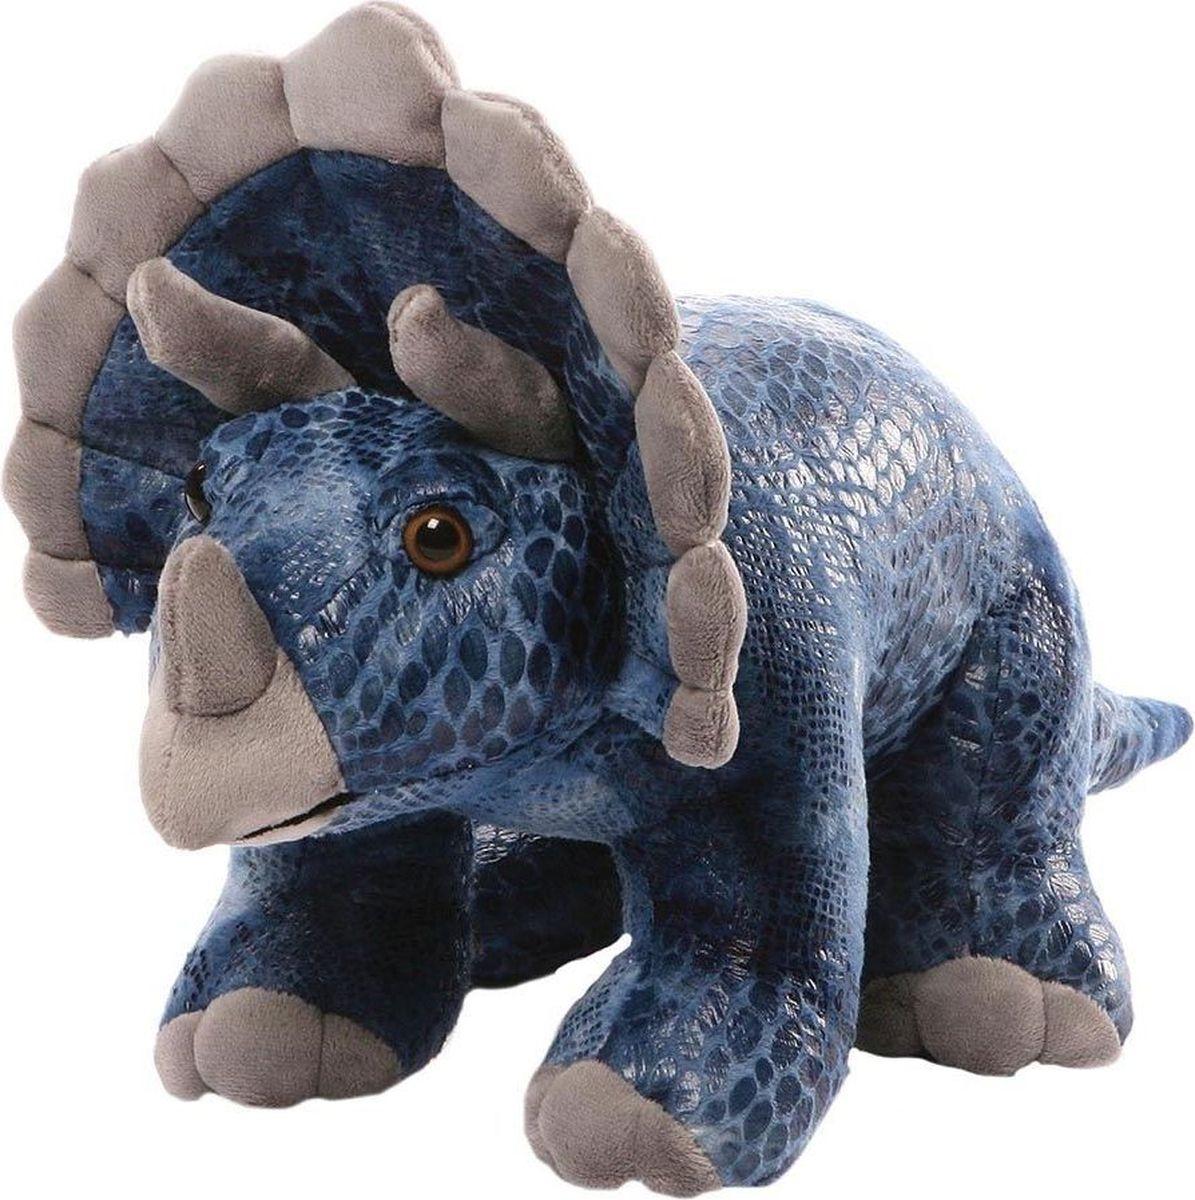 Gund Мягкая игрушка Diesyl Small Triceratops 18 см gund мягкая игрушка arlo bear 18 см